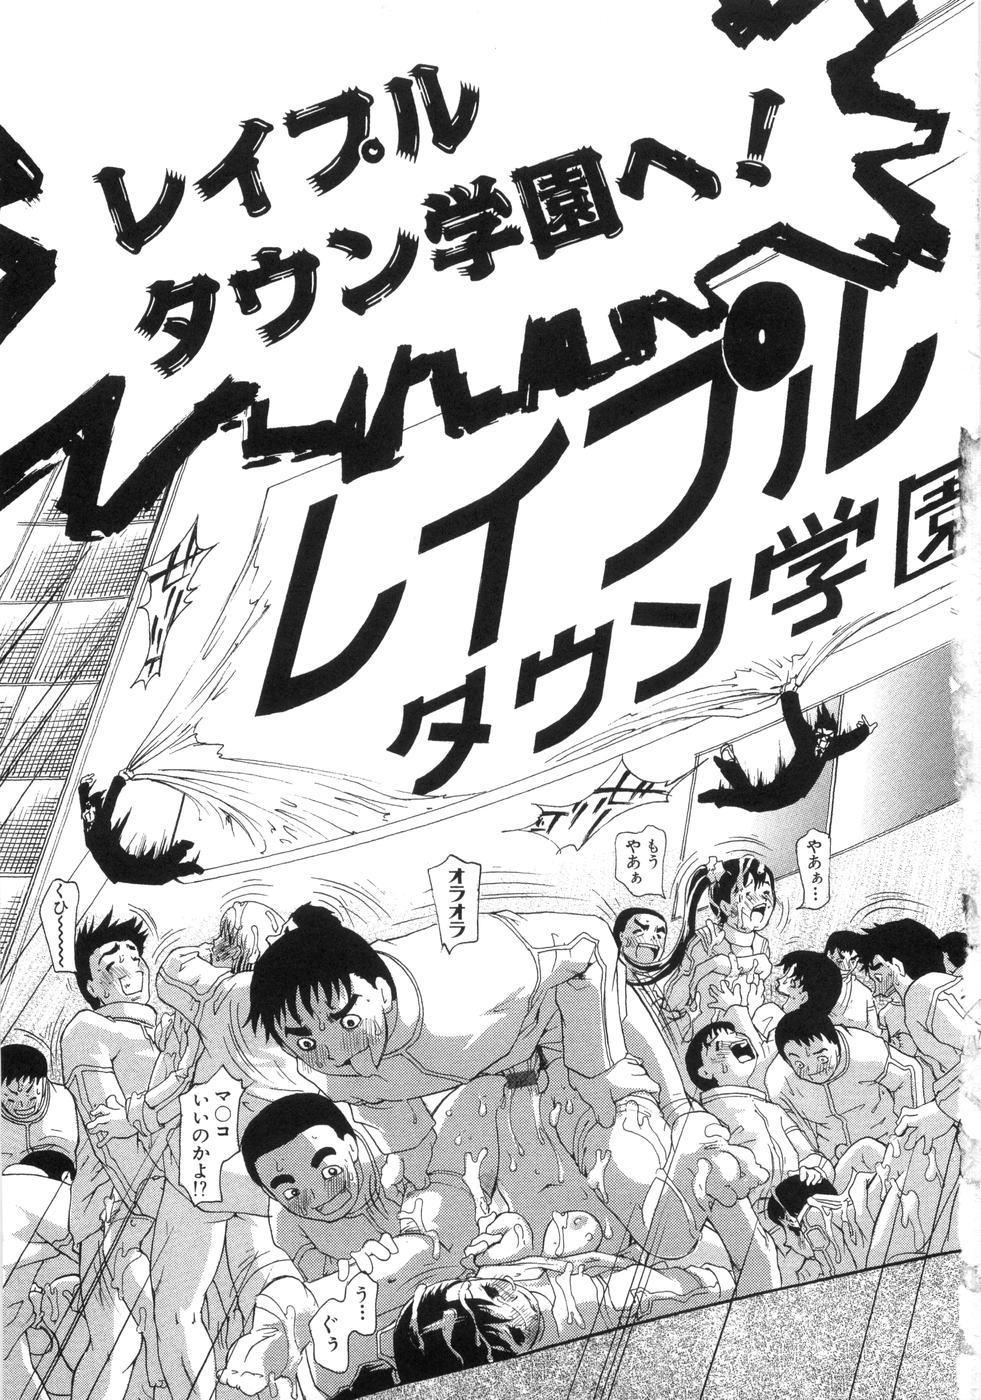 0 PULL TOWN Gakuen e Youkoso! 27